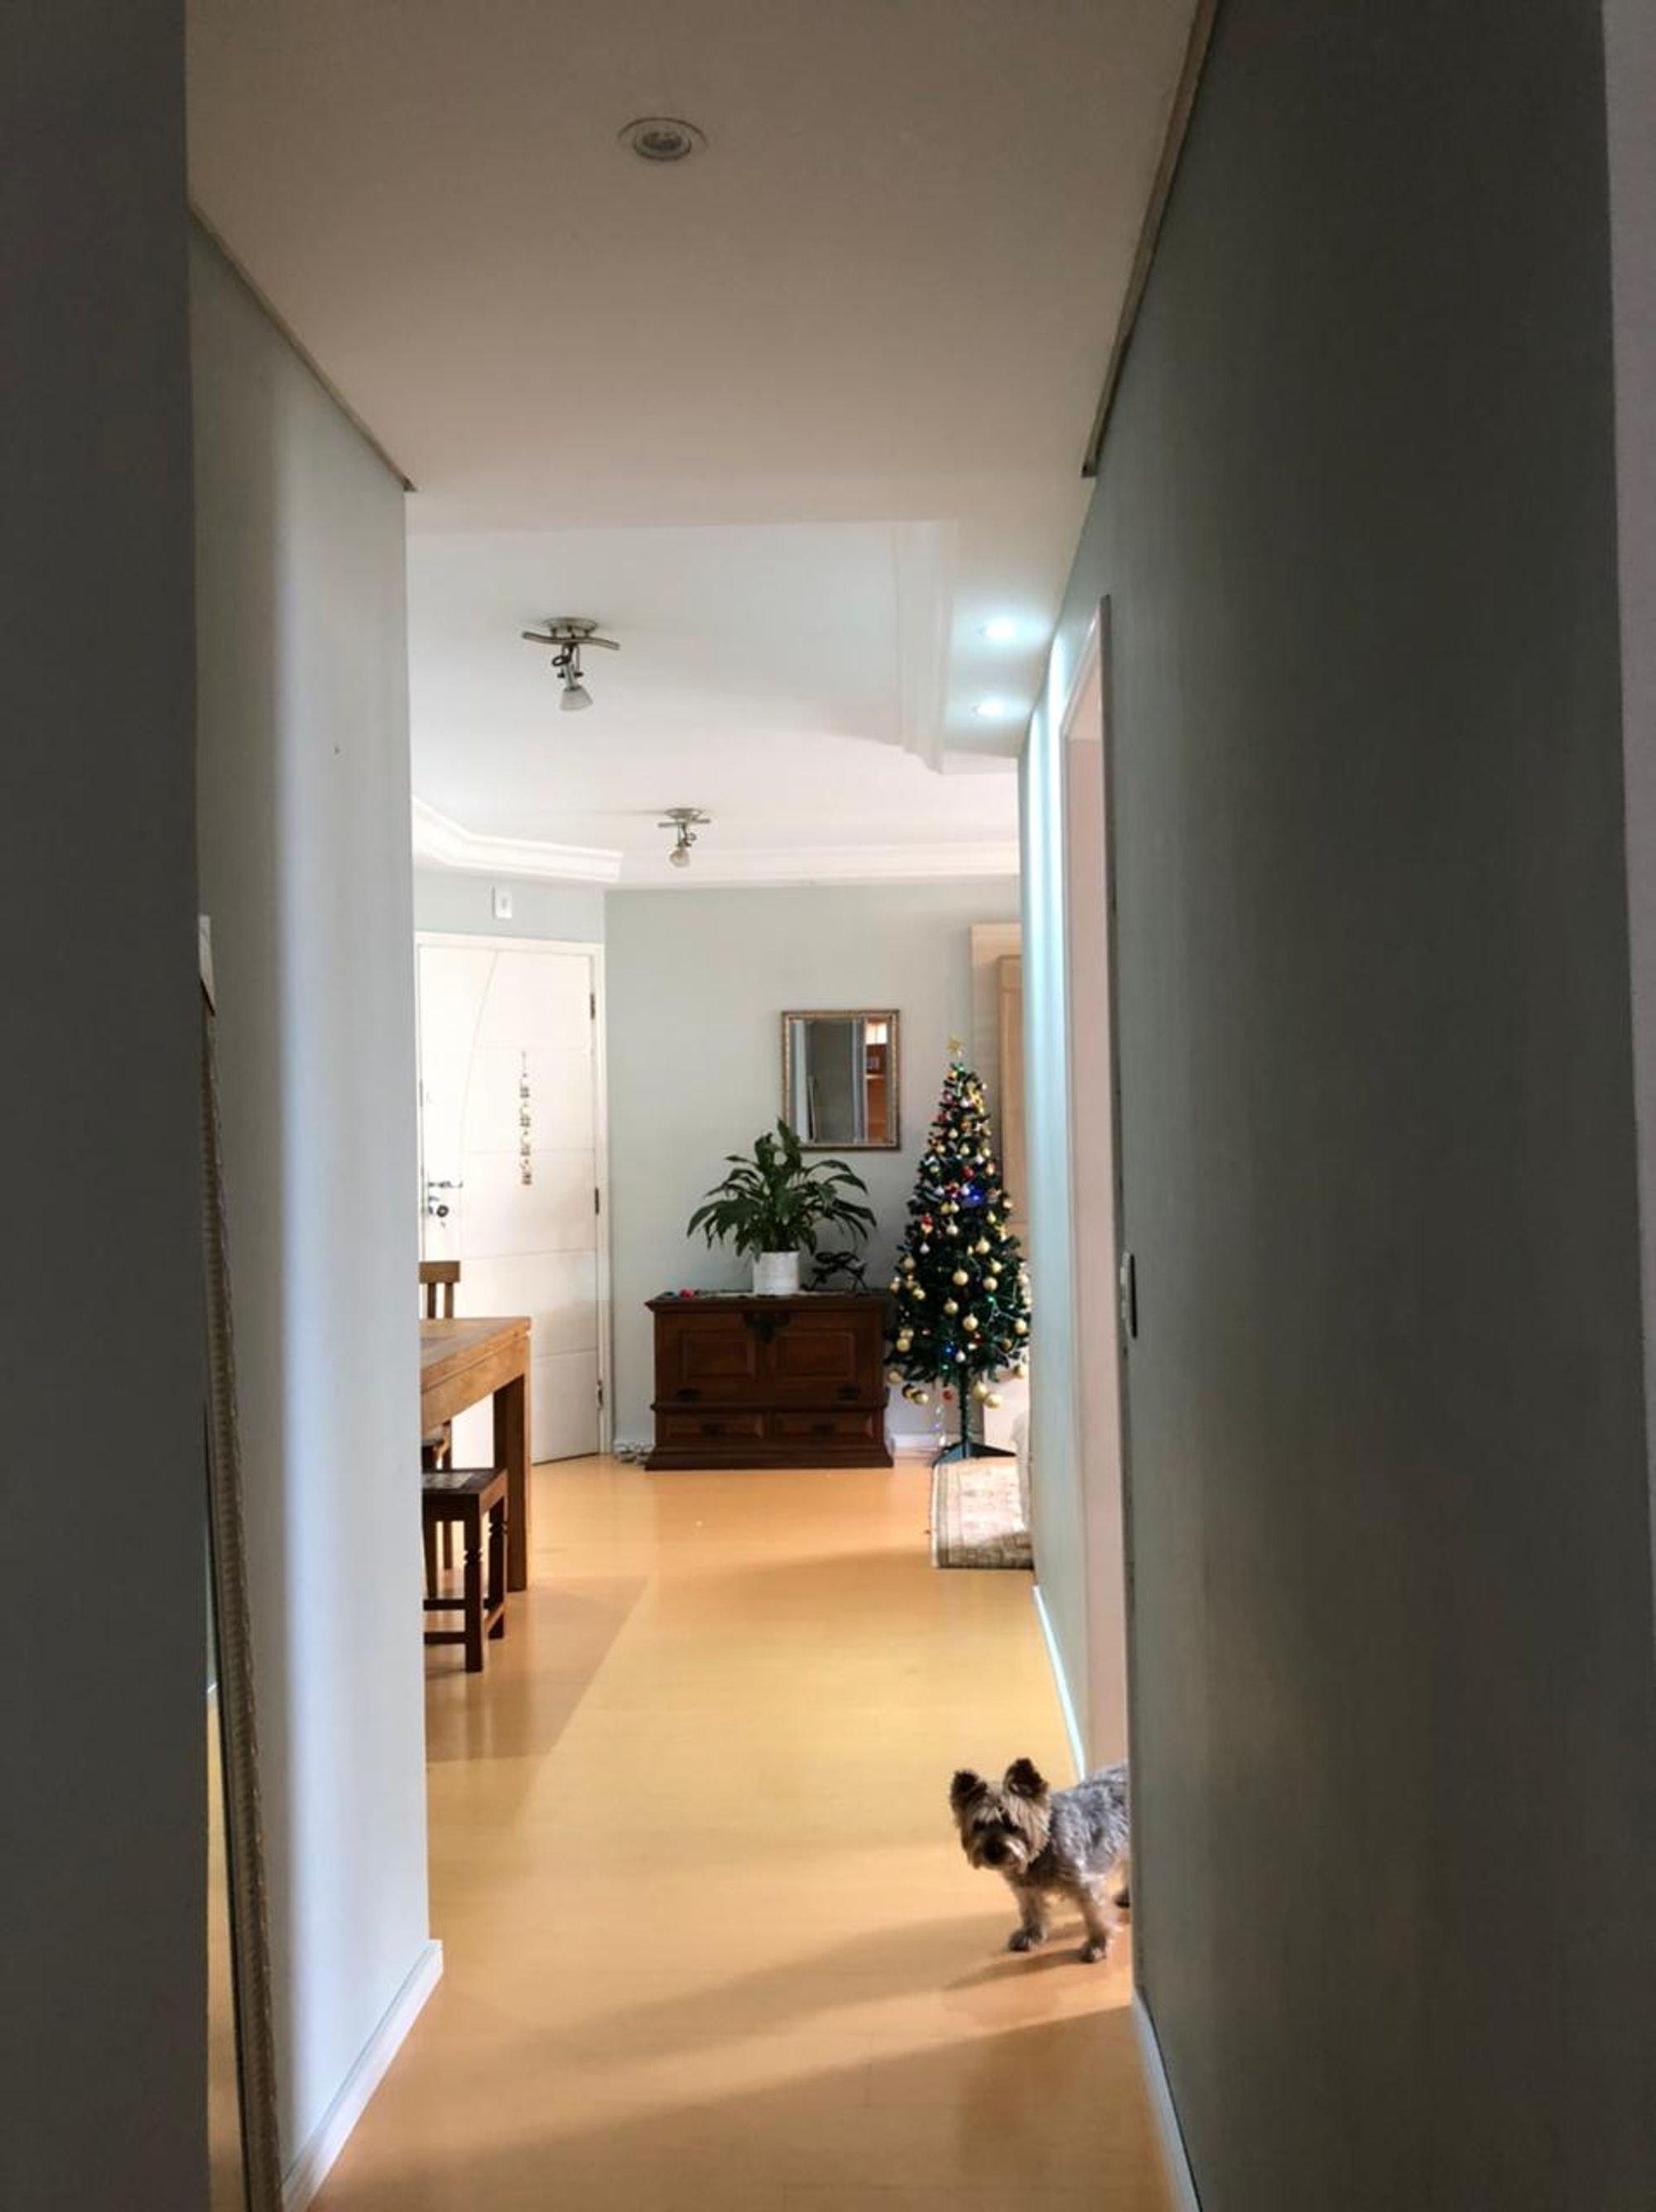 Foto de Sala com vaso de planta, cão